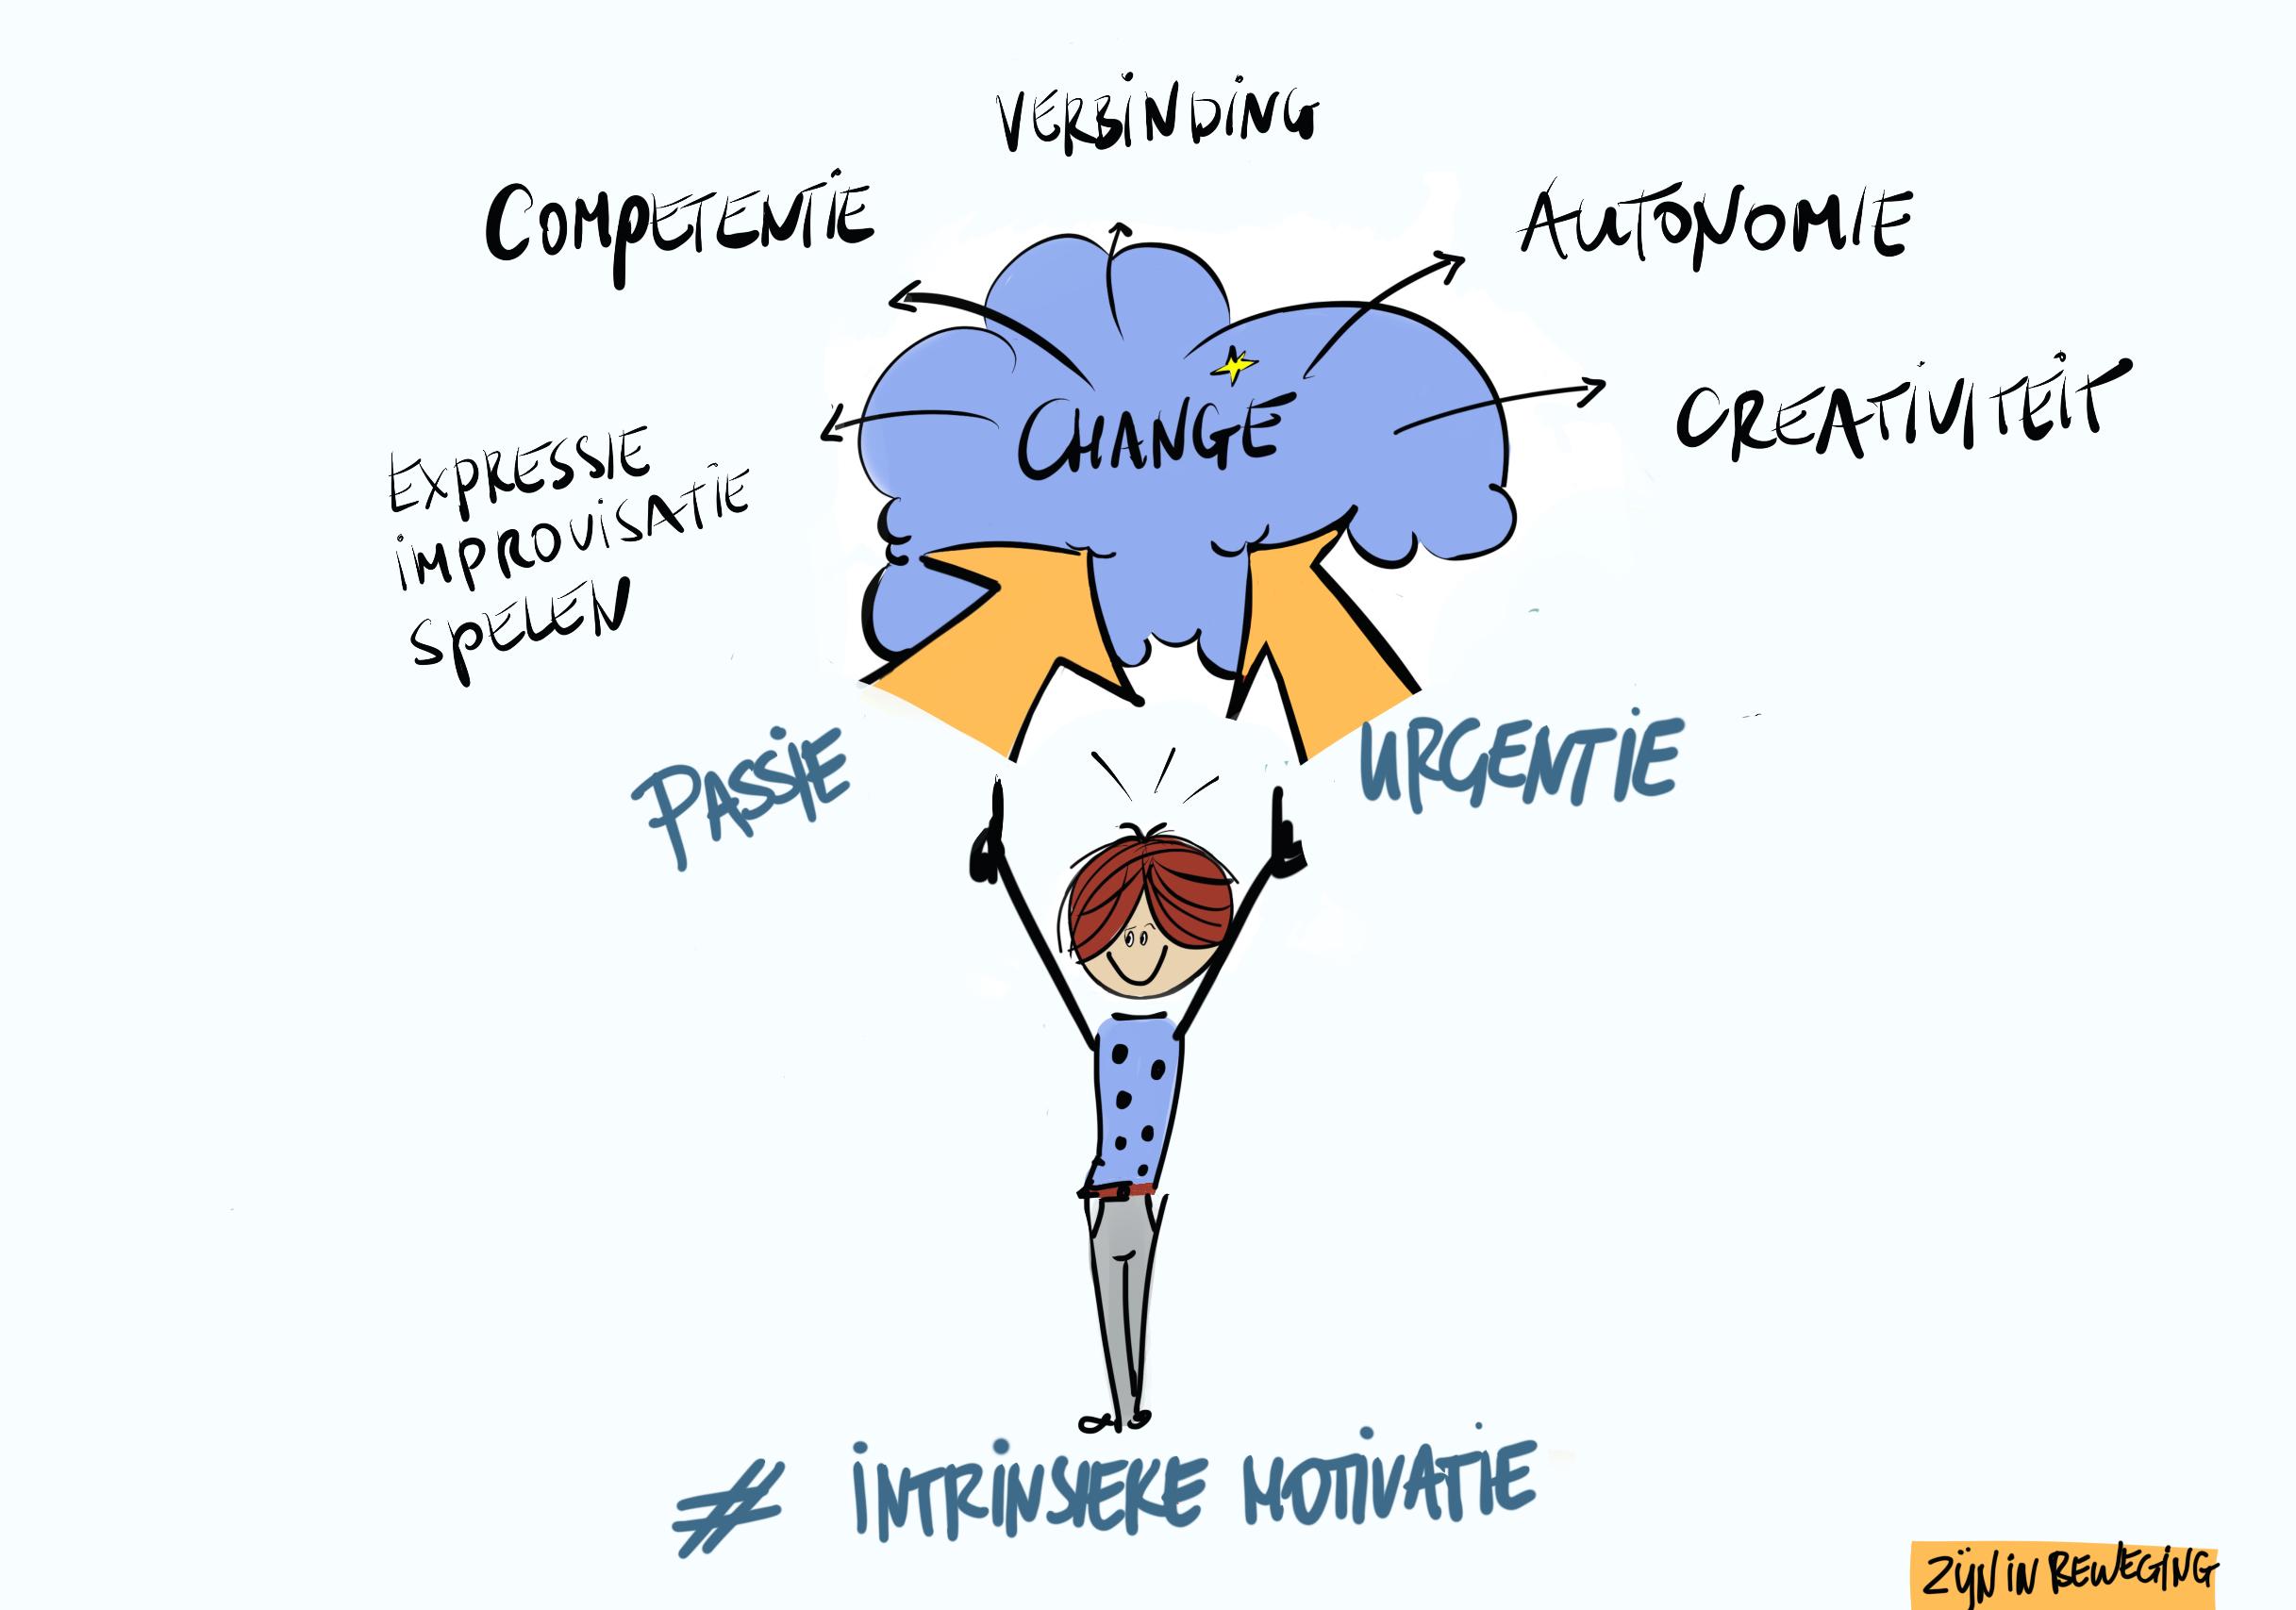 Intrisieke Motivatie - ZIJN in beweging